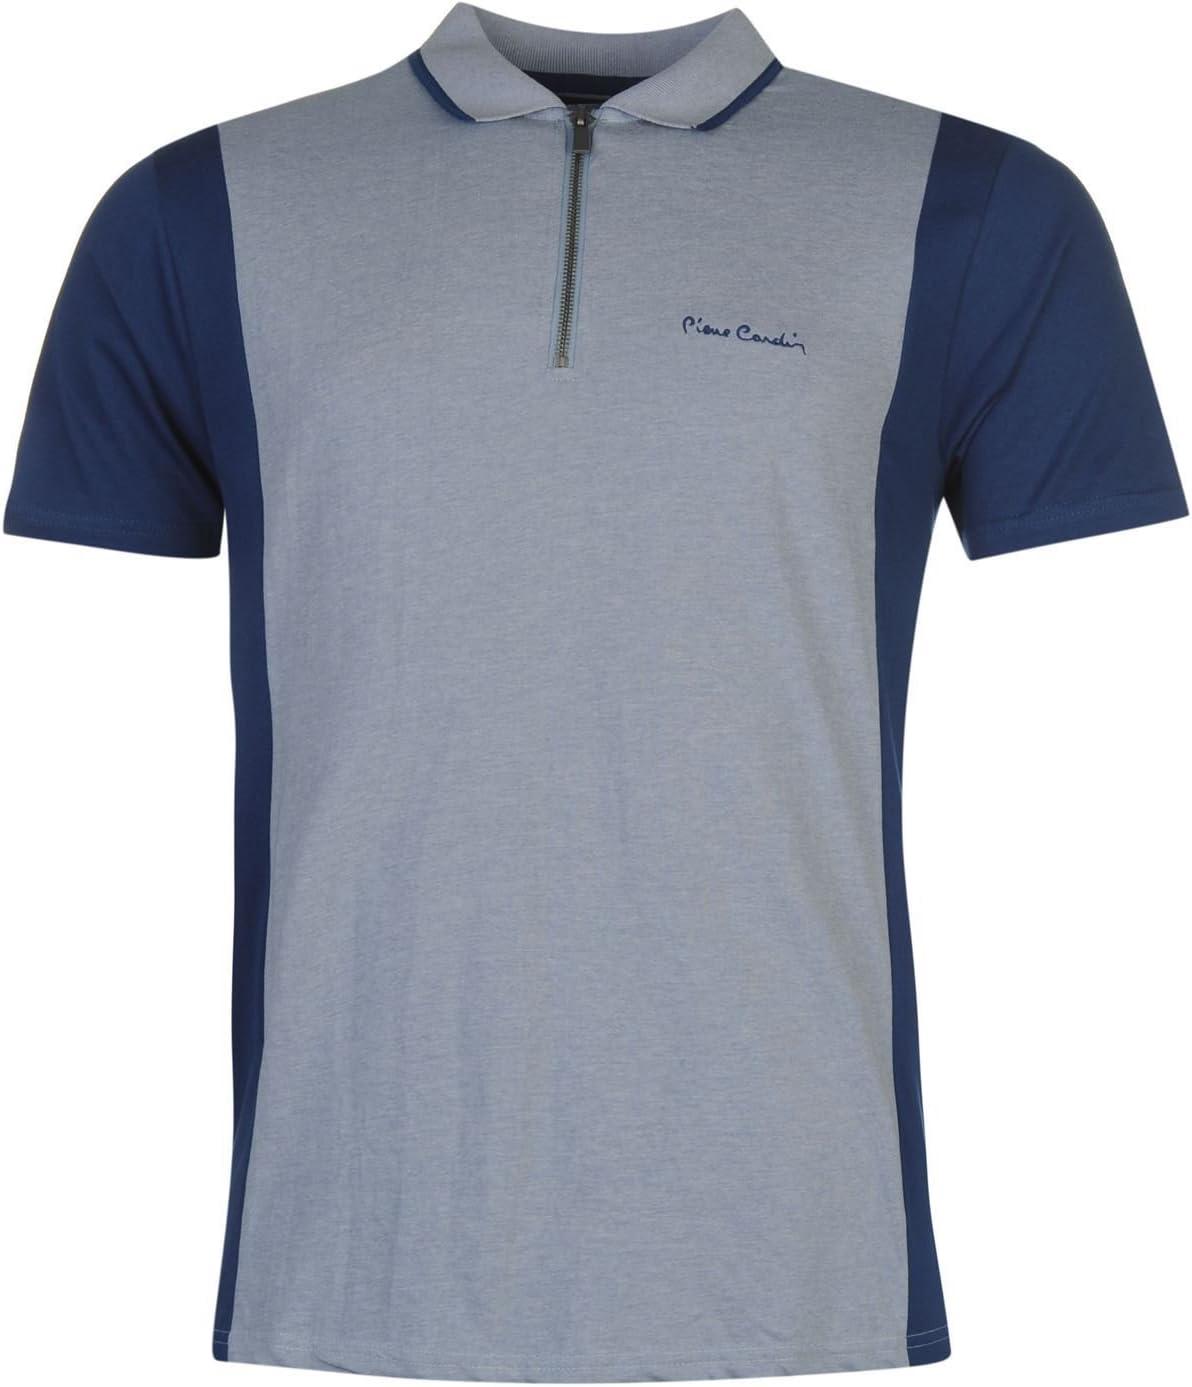 Pierre Cardin cremallera cuello Polo camiseta para hombre parte superior azul tela vaquera camiseta de manga corta, azul vaquero, medium: Amazon.es: Deportes y aire libre